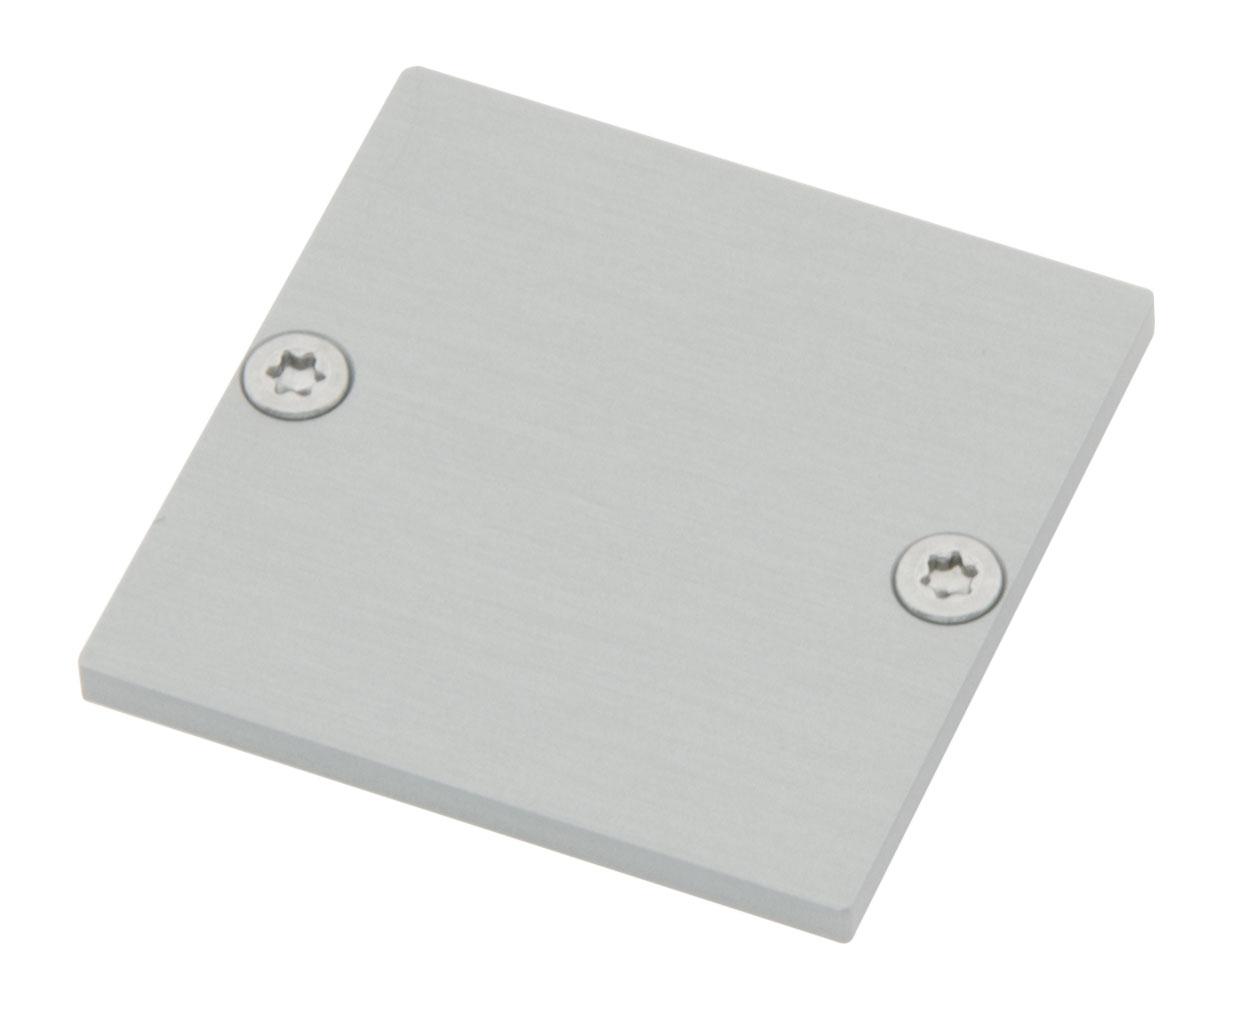 Profil Endkappe CLR Flach geschlossen inkl. Schrauben